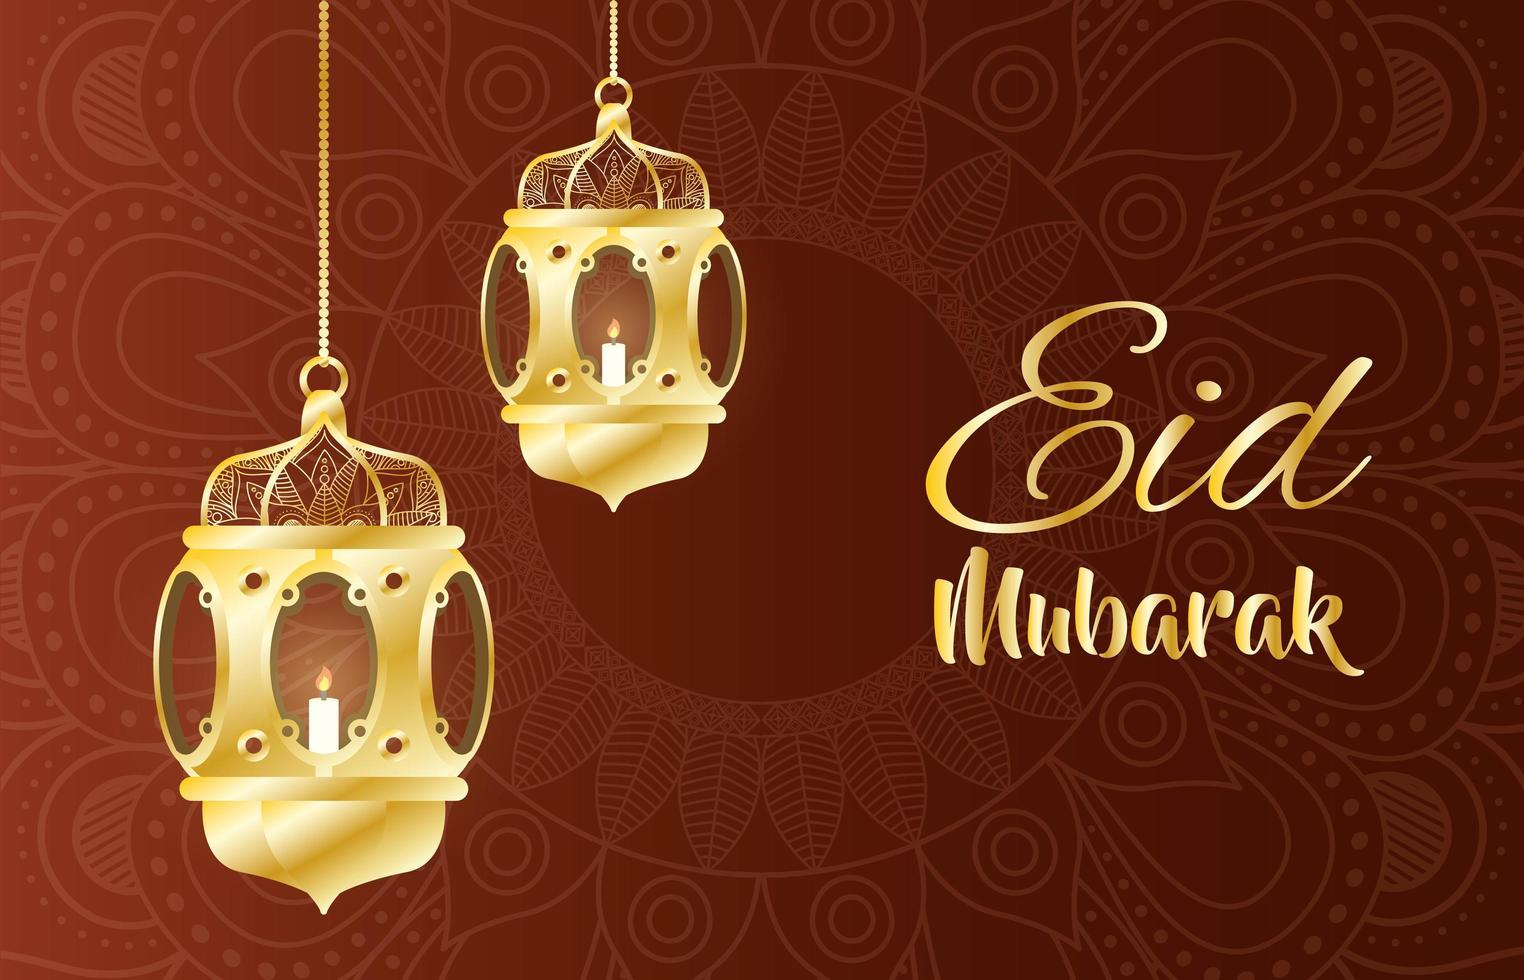 lâmpadas penduradas para decoração kareem do ramadã vetor